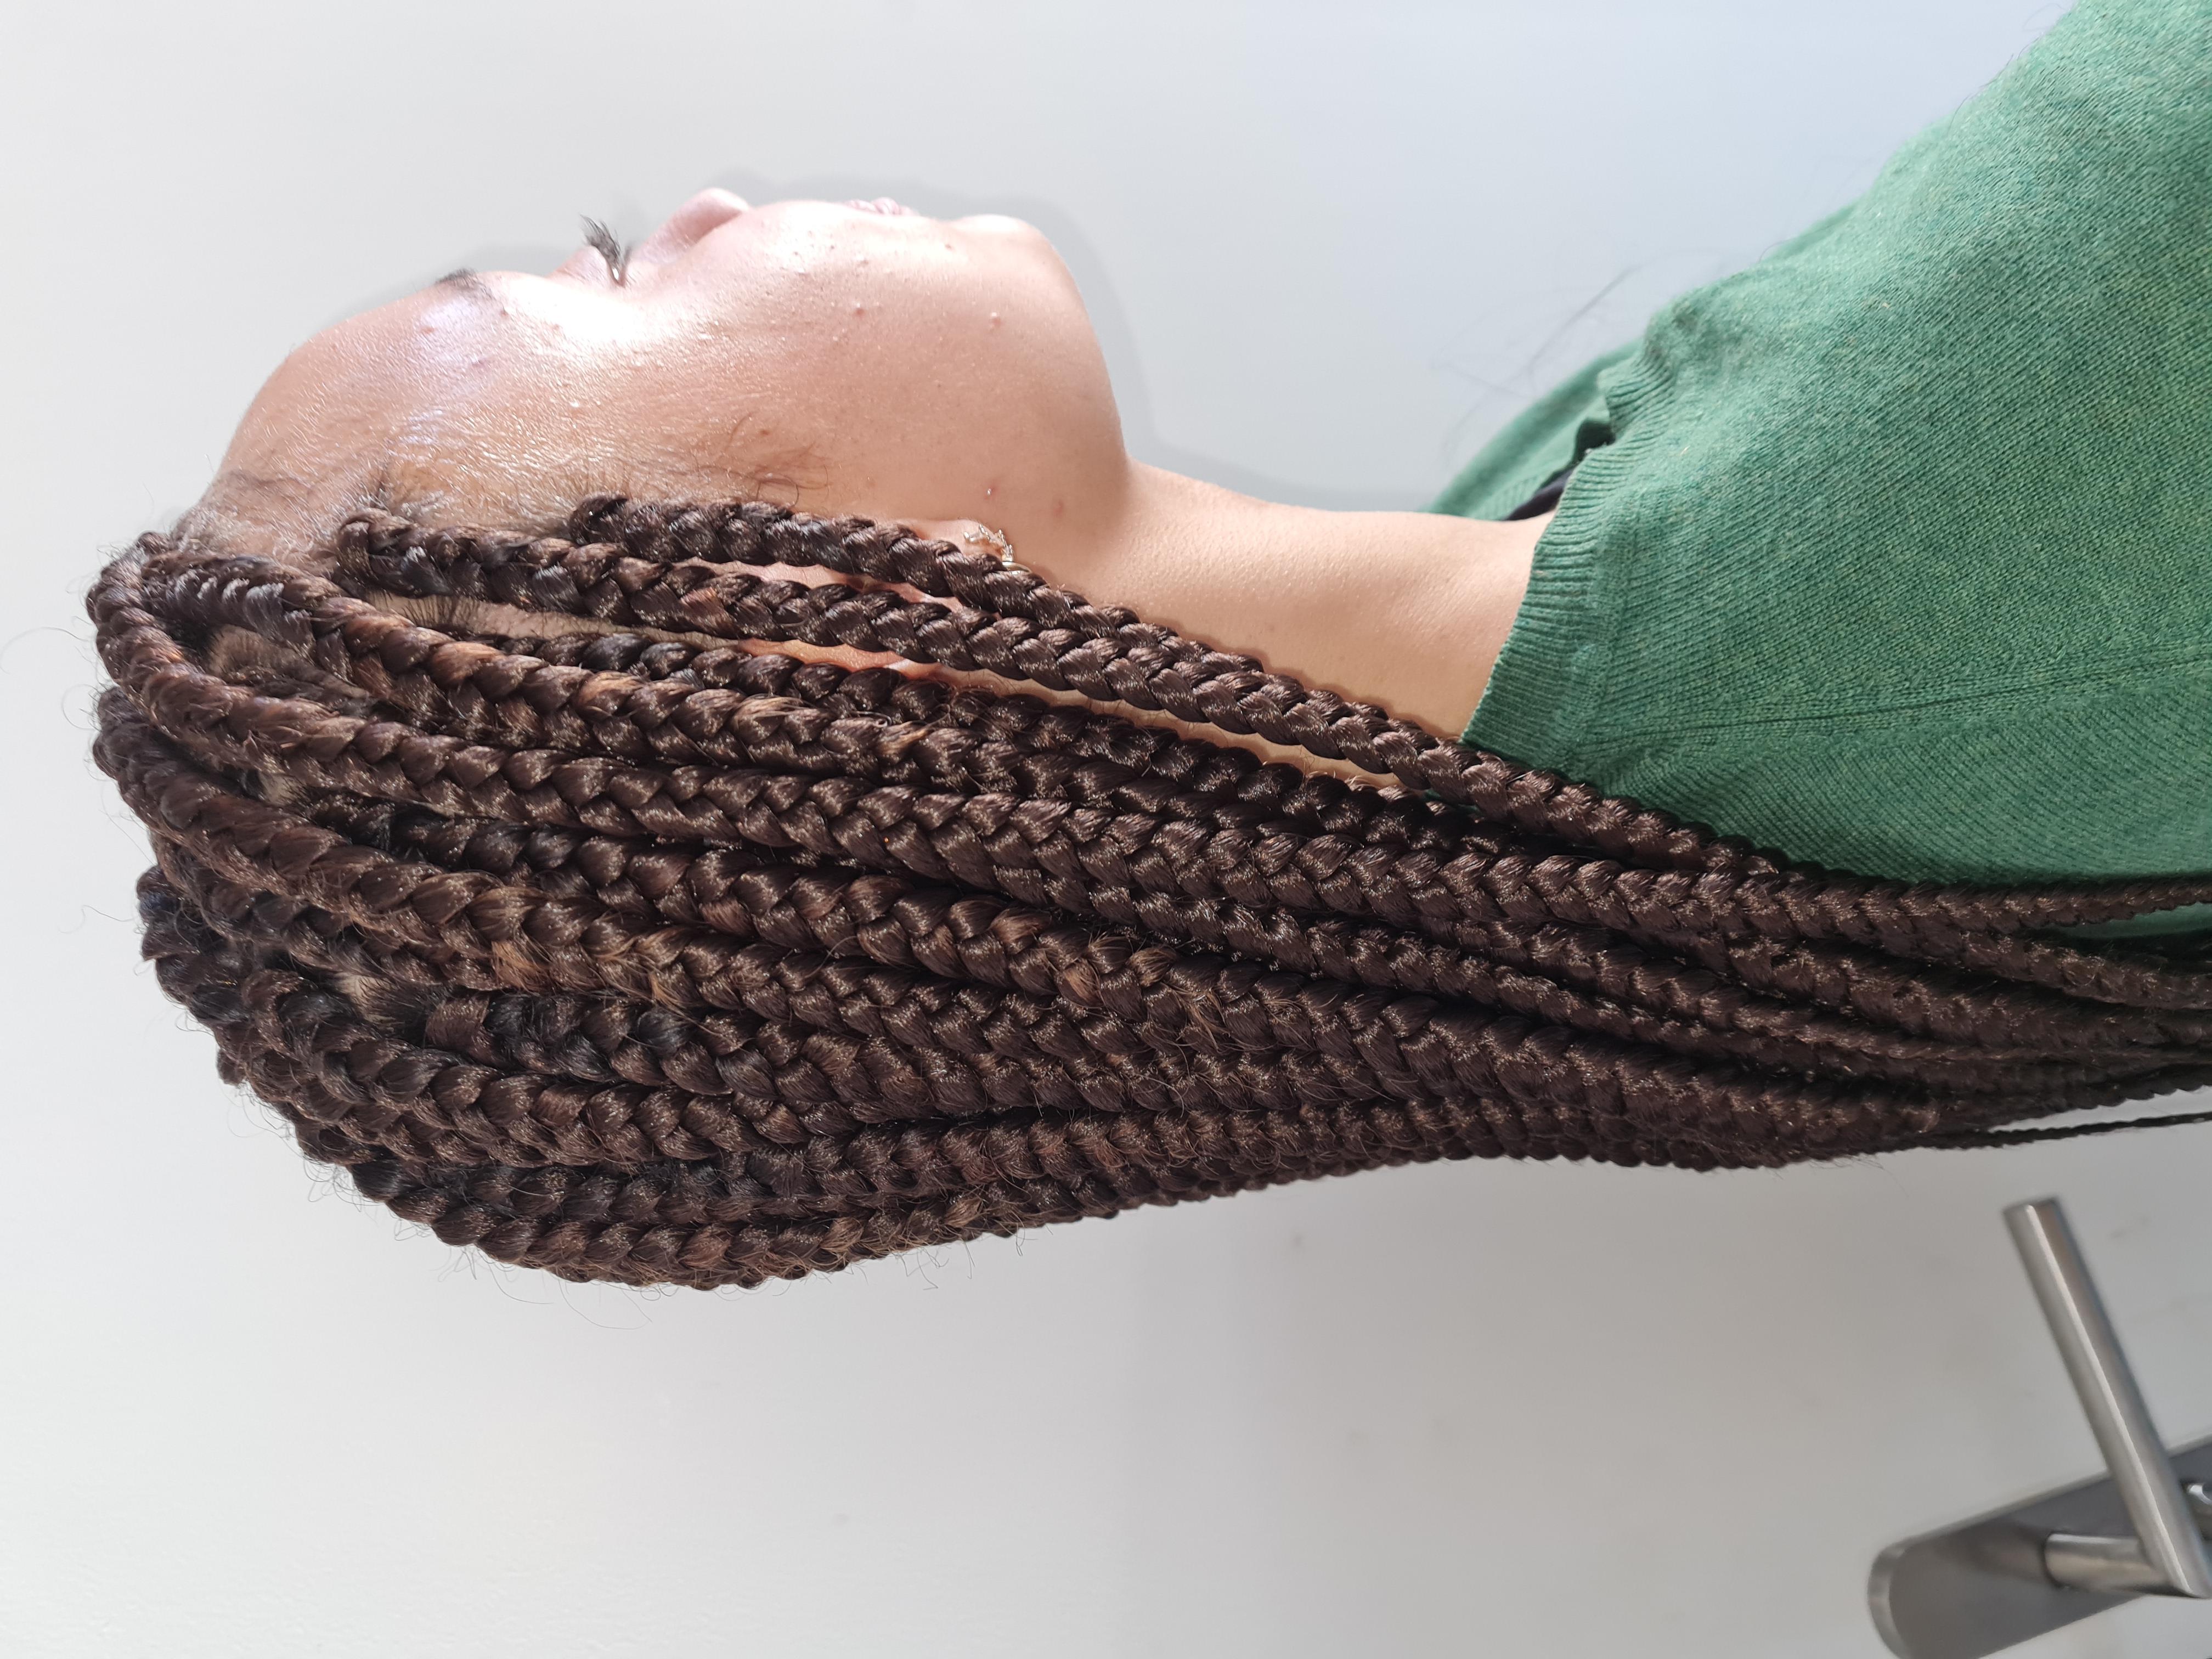 salon de coiffure afro tresse tresses box braids crochet braids vanilles tissages paris 75 77 78 91 92 93 94 95 SINOUNNH